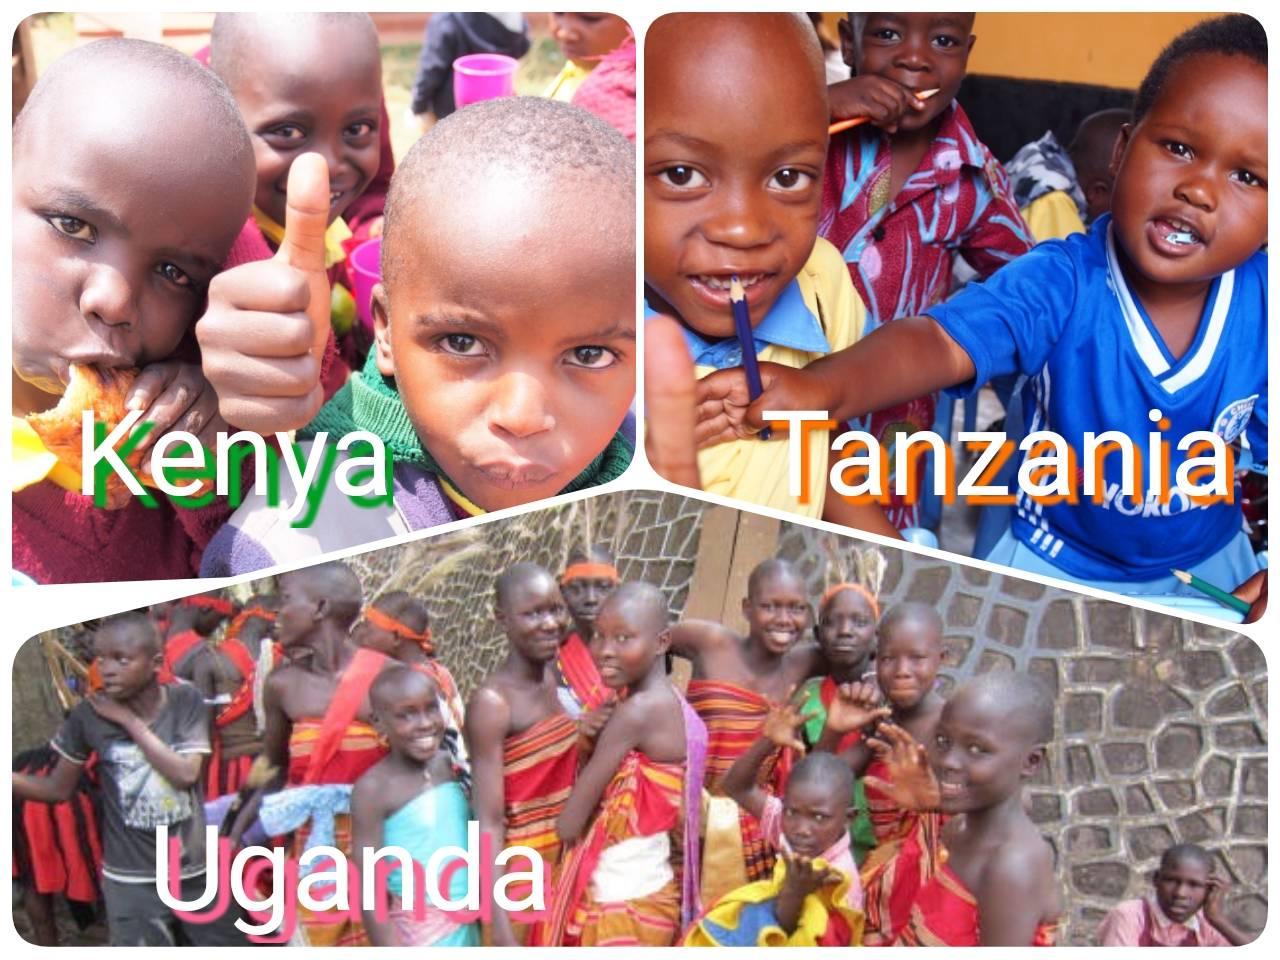 ケニア、ウガンダ、タンザニア。アフリカ人気3か国の違いと共通点。